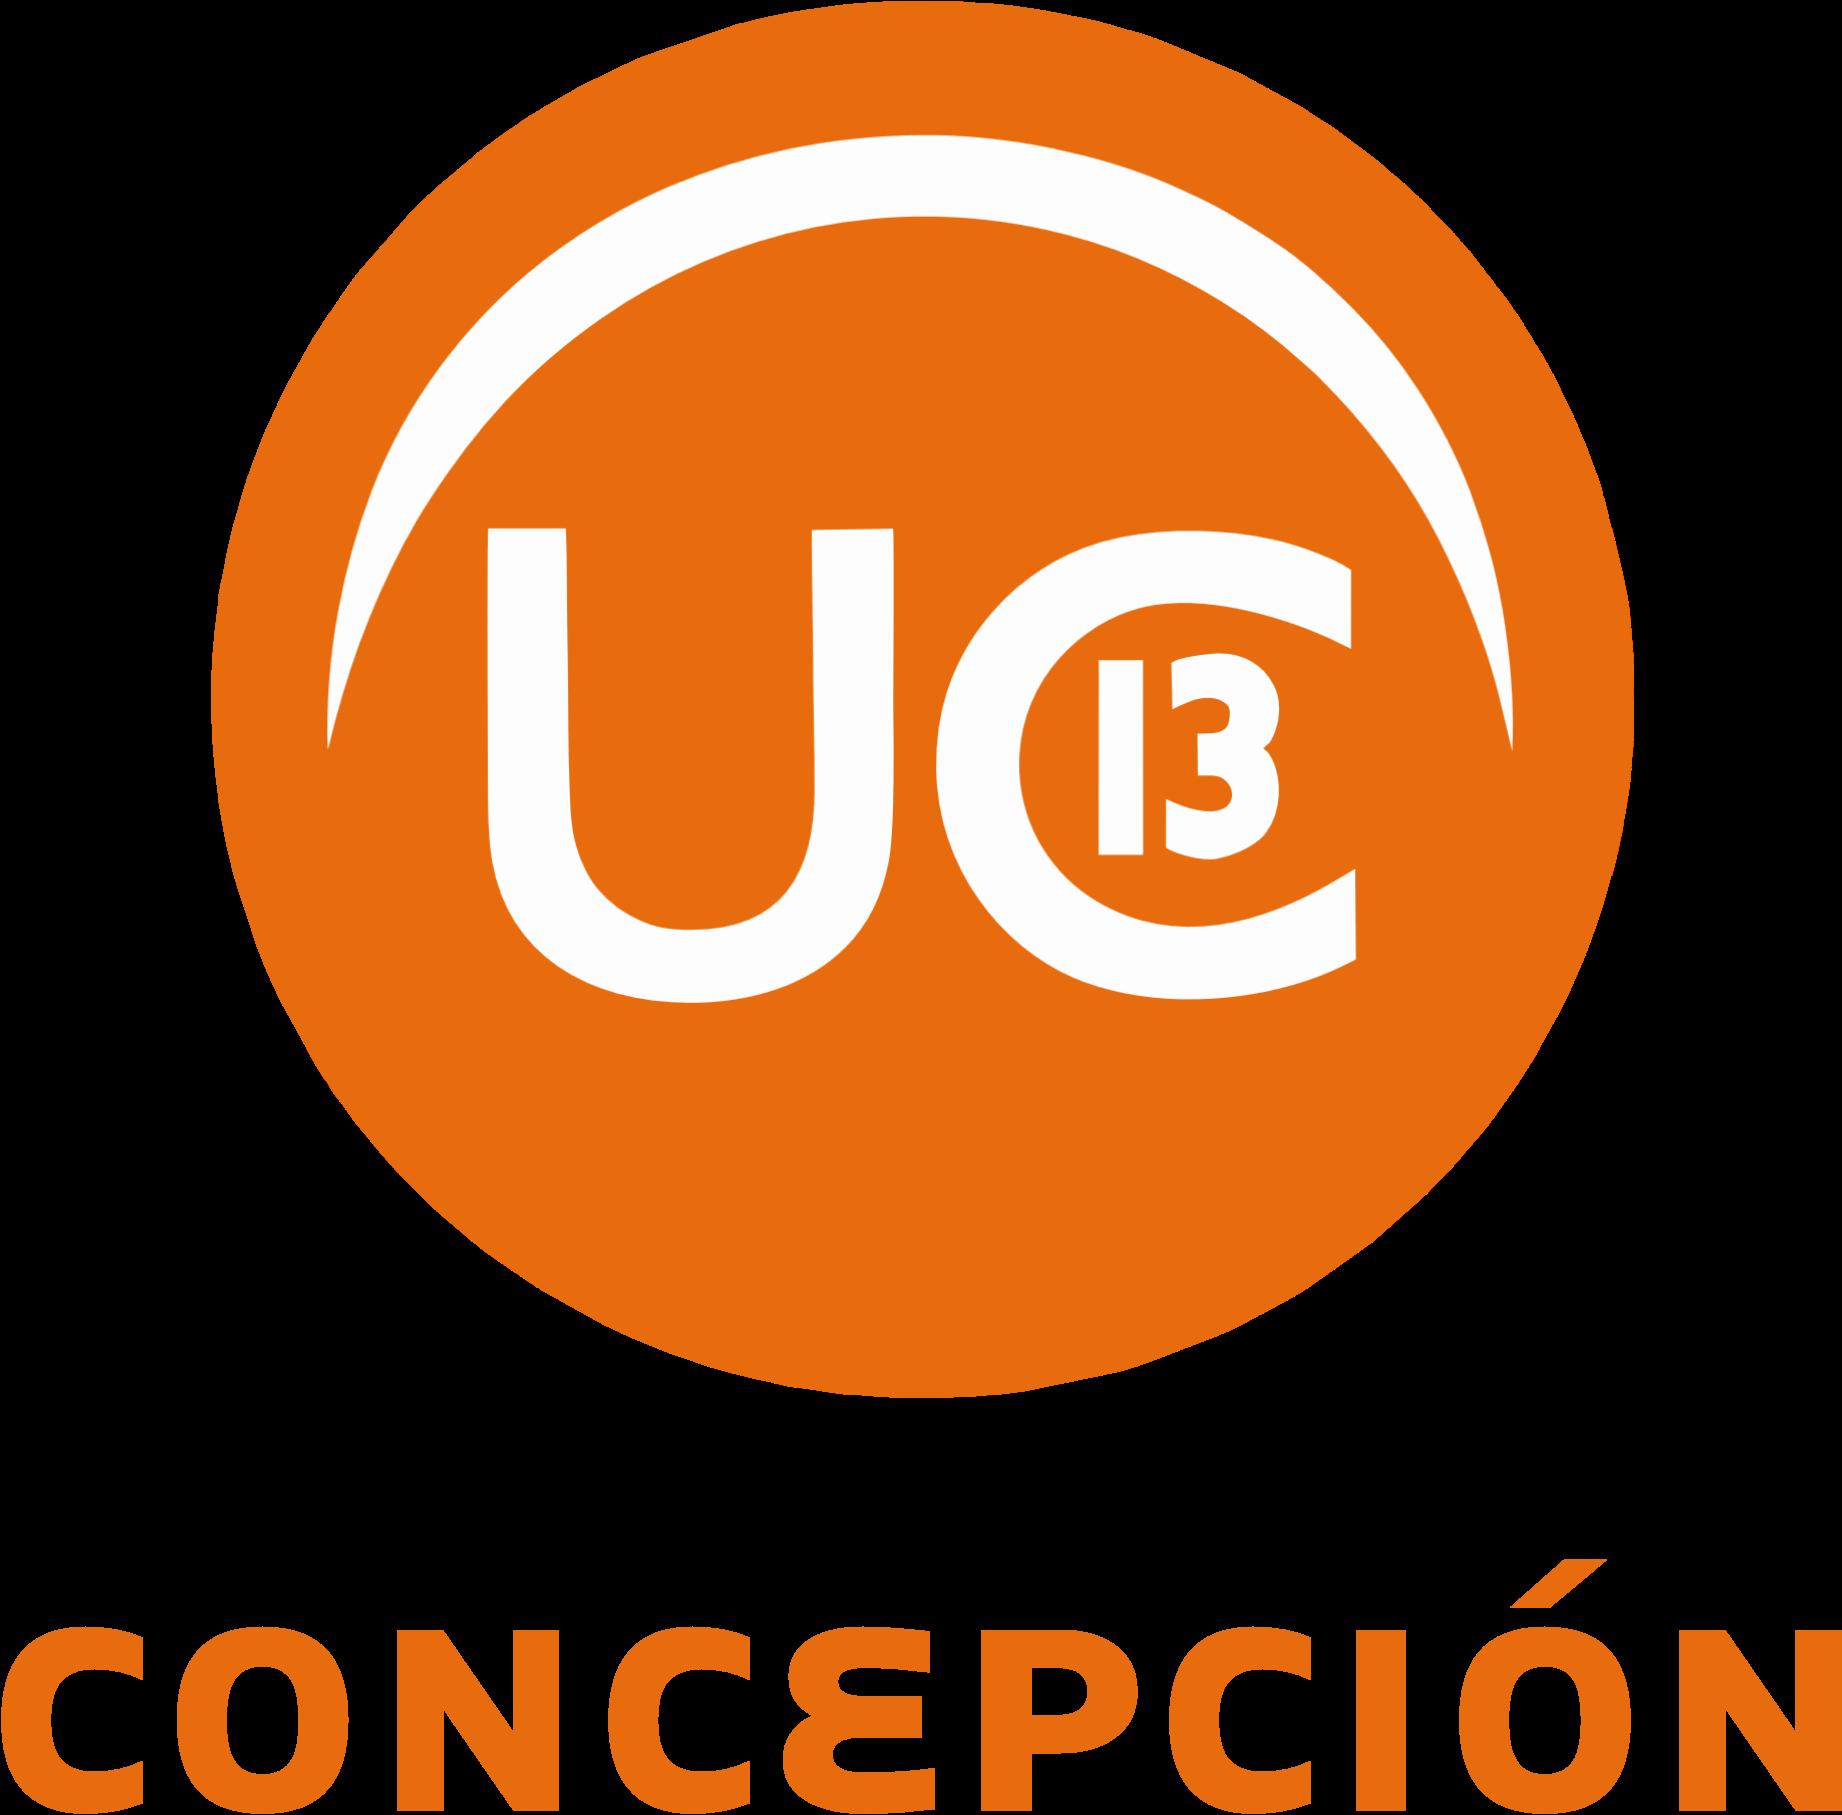 Canal 13 Concepción